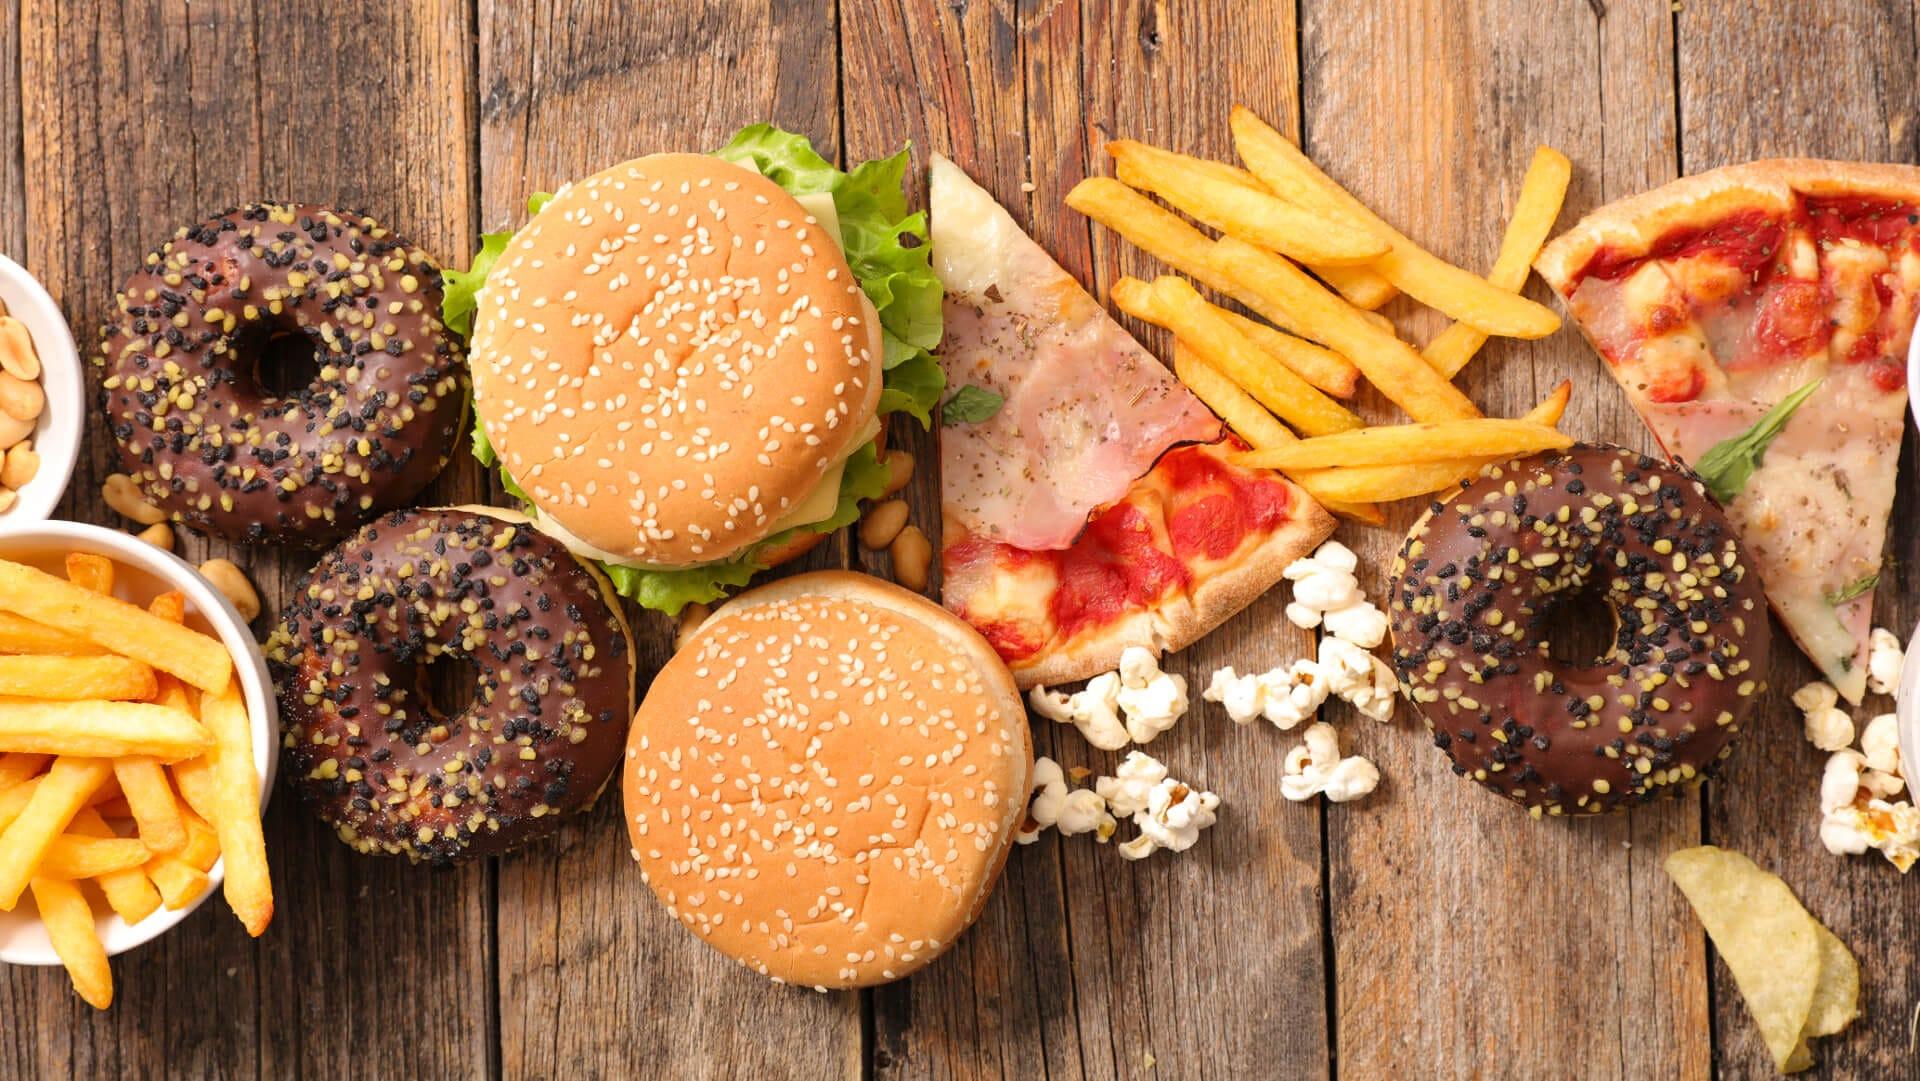 Фото нездоровой пищи — img 4